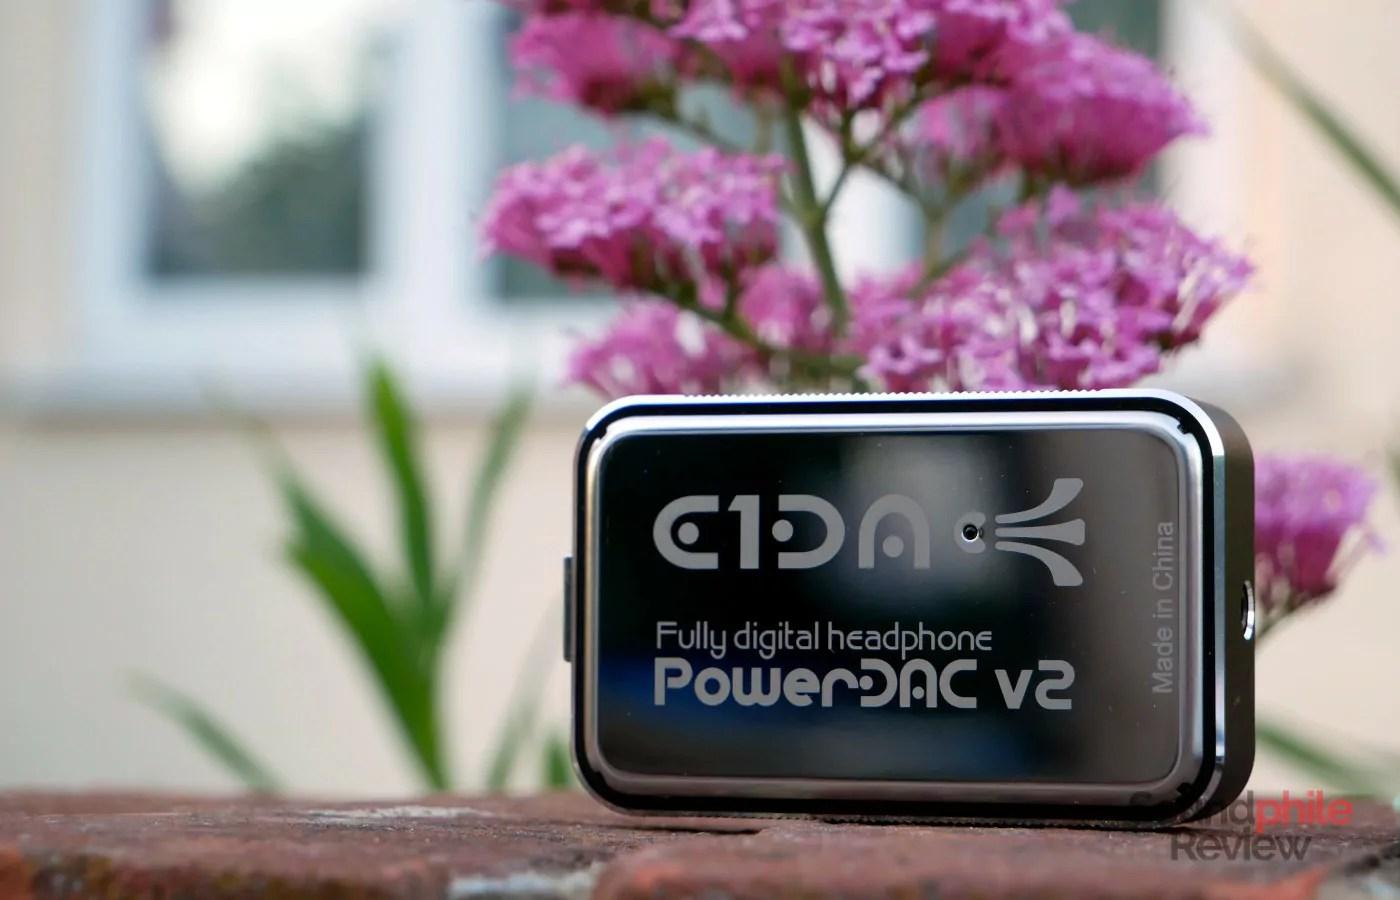 E1DA PowerDAC v2 review